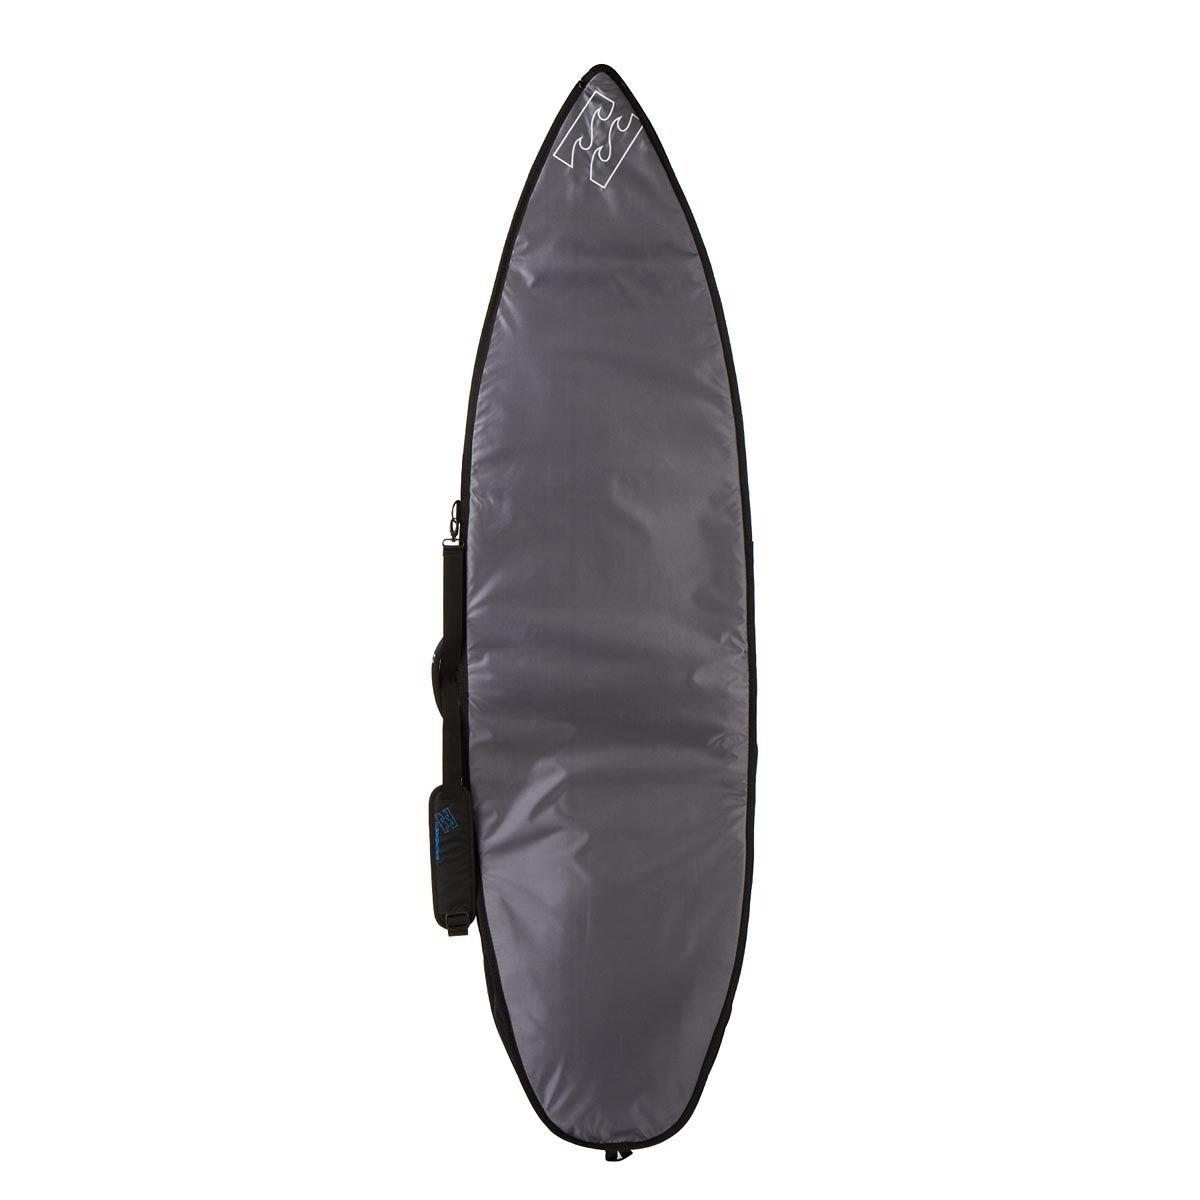 Billabong platino - Tabla de skateboarding y surf, tamaño único, color negro: Amazon.es: Deportes y aire libre